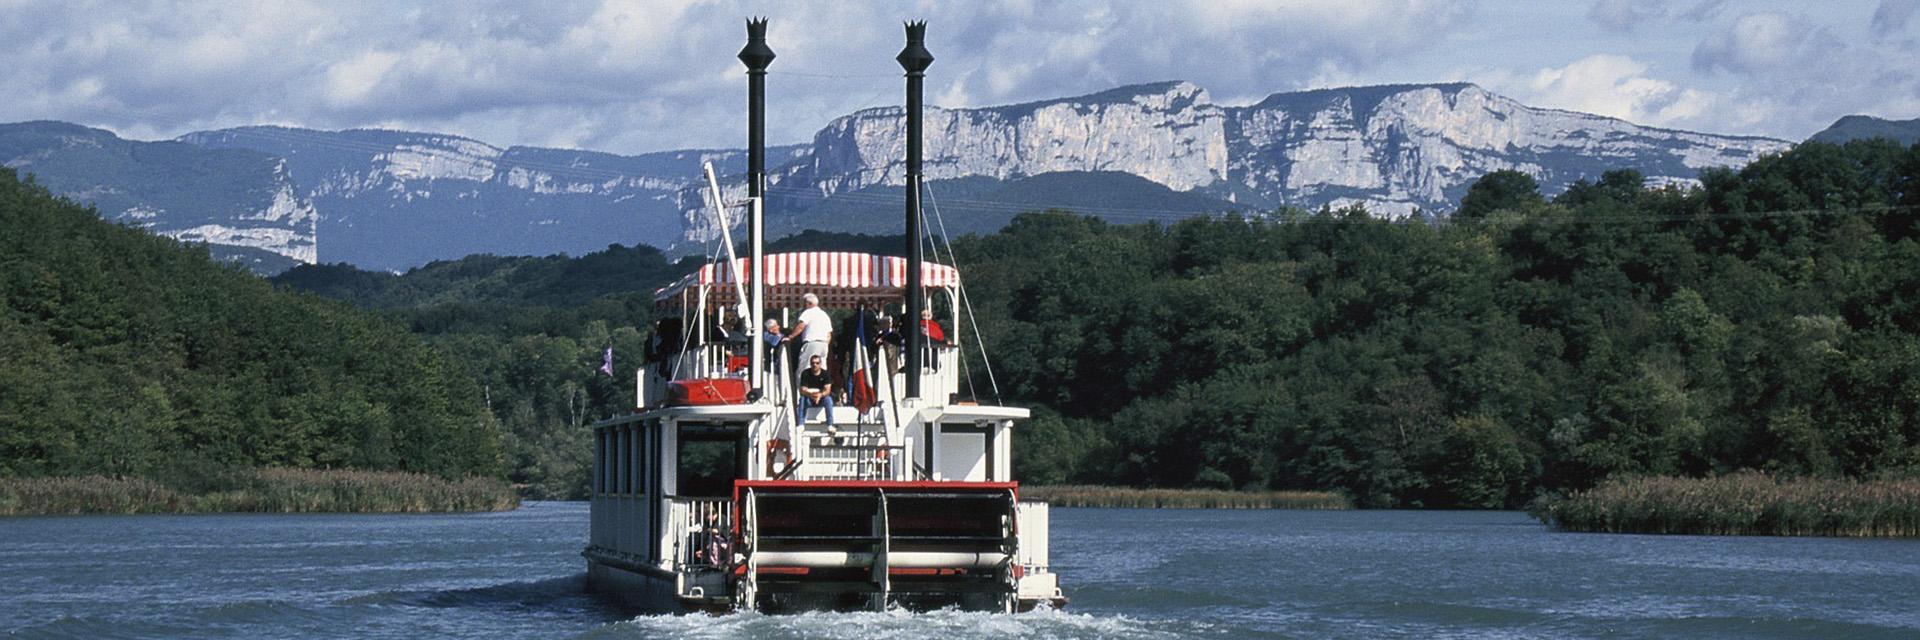 village-vacance-font-d-urle-bateau-roue